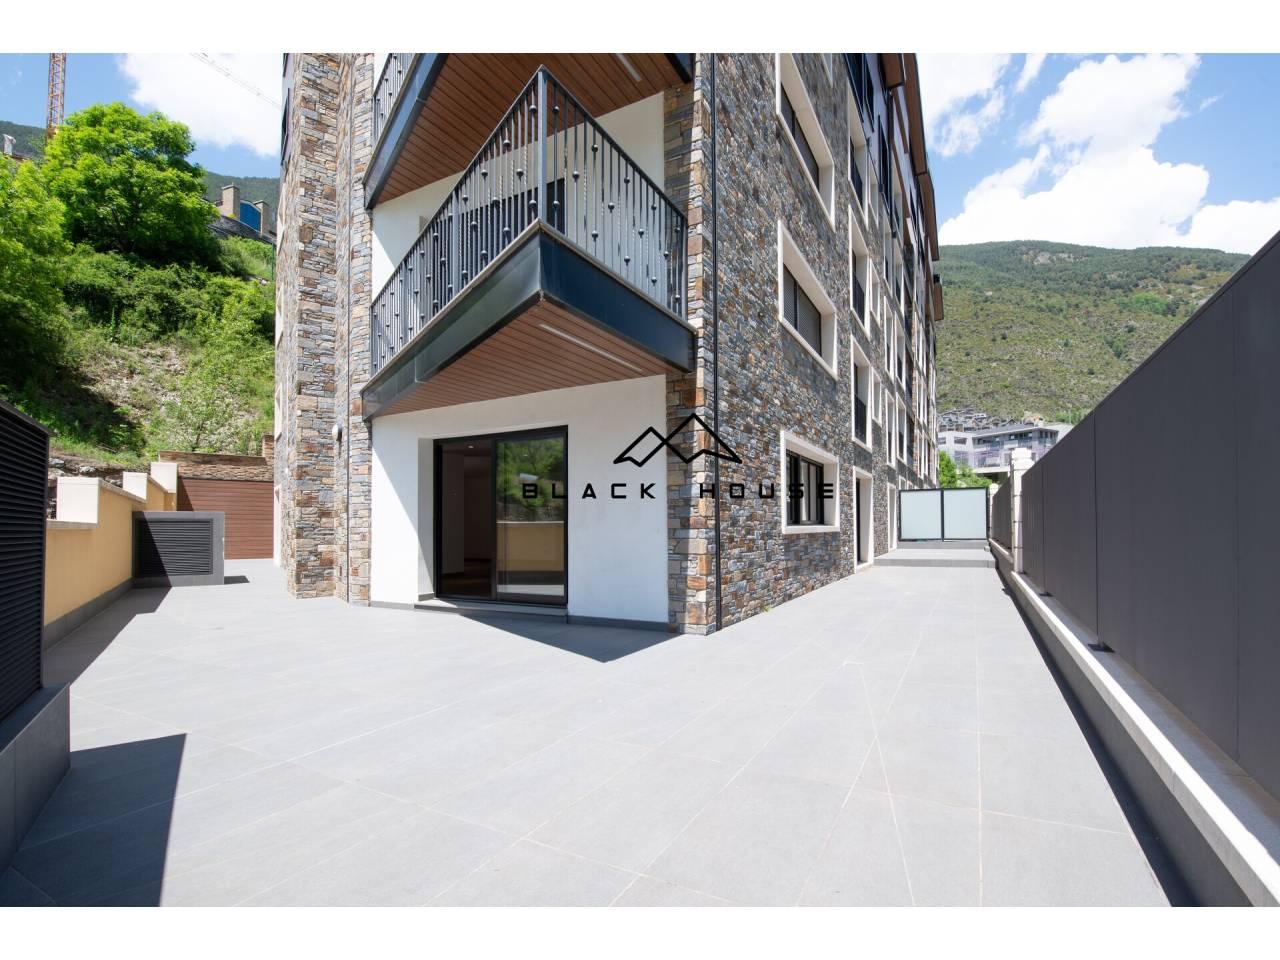 Rez-de-chaussée spectaculaire avec grande terrasse à vendre.